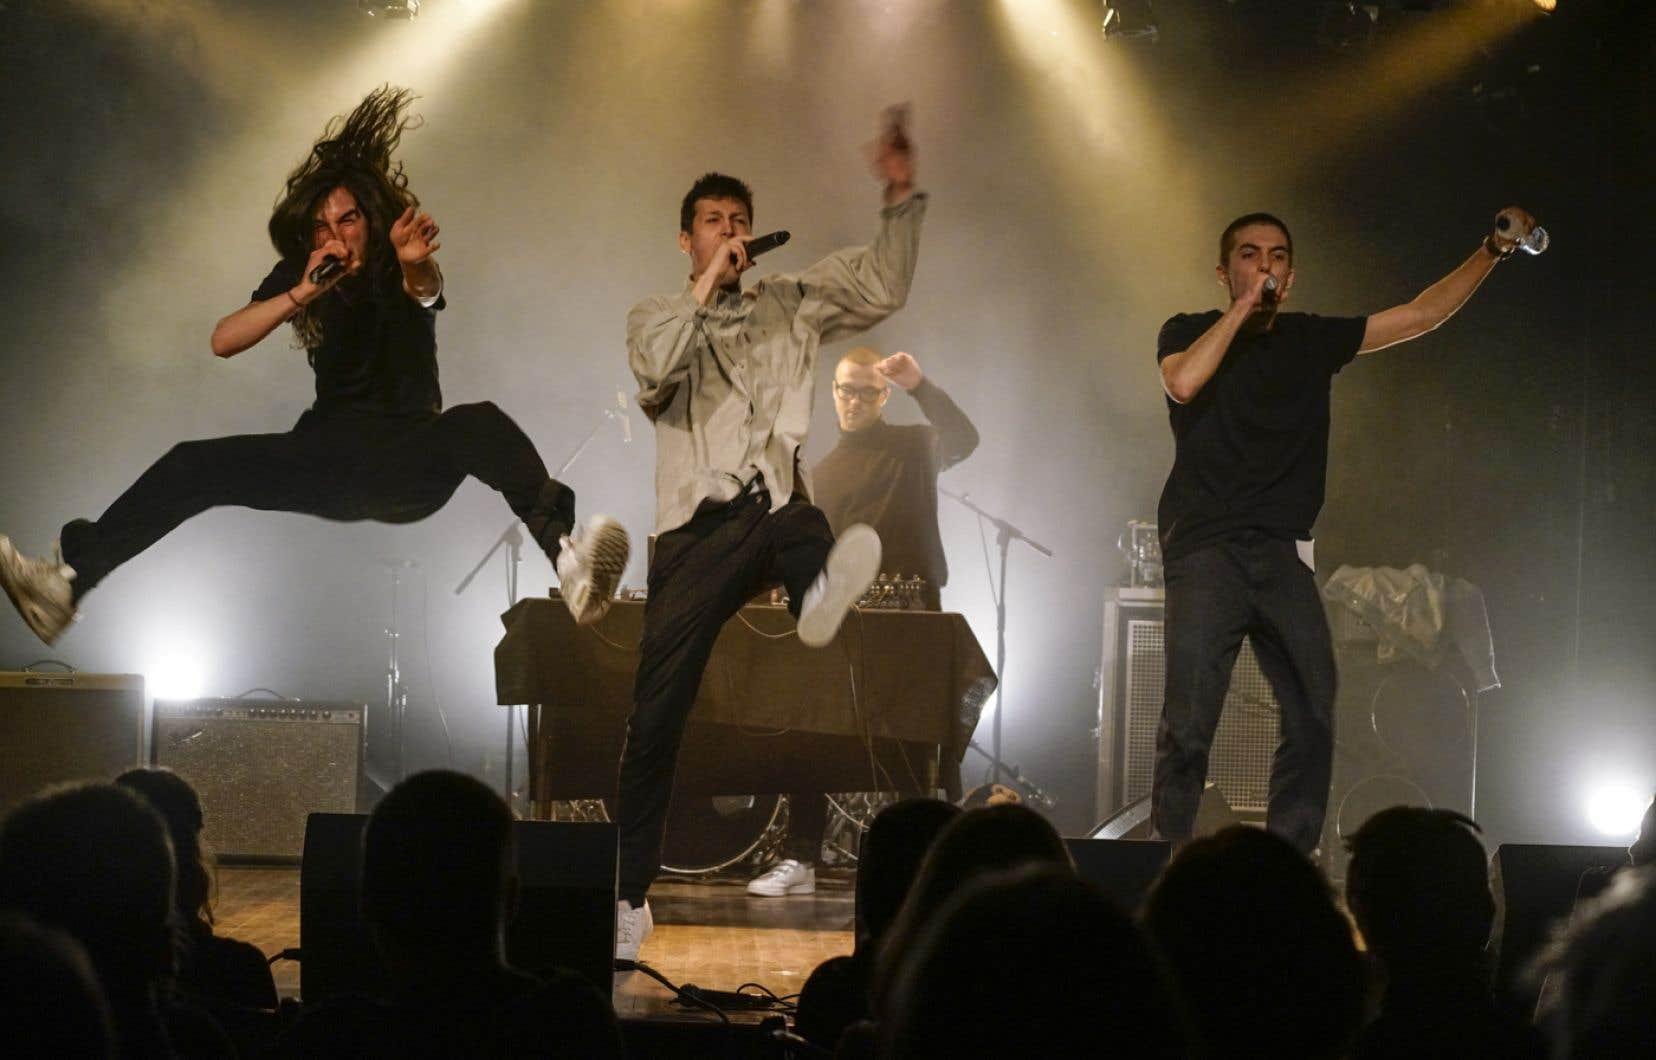 Le trio hip-hop LaF était attendu de pied ferme sur la scène du Lion d'or.